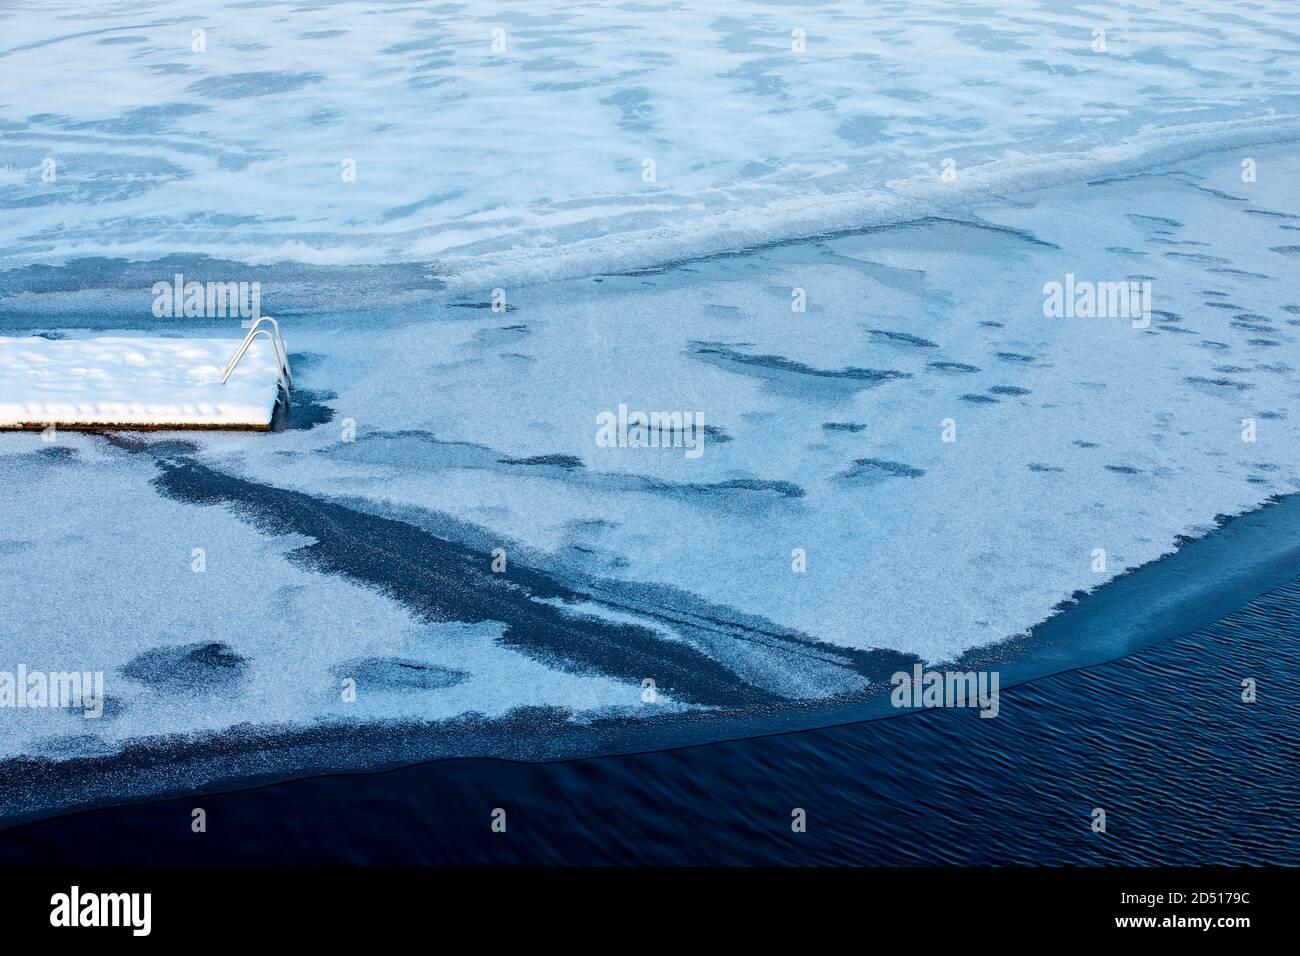 Fin de la jetée en bois gelée à la glace à Winter, Finlande Banque D'Images